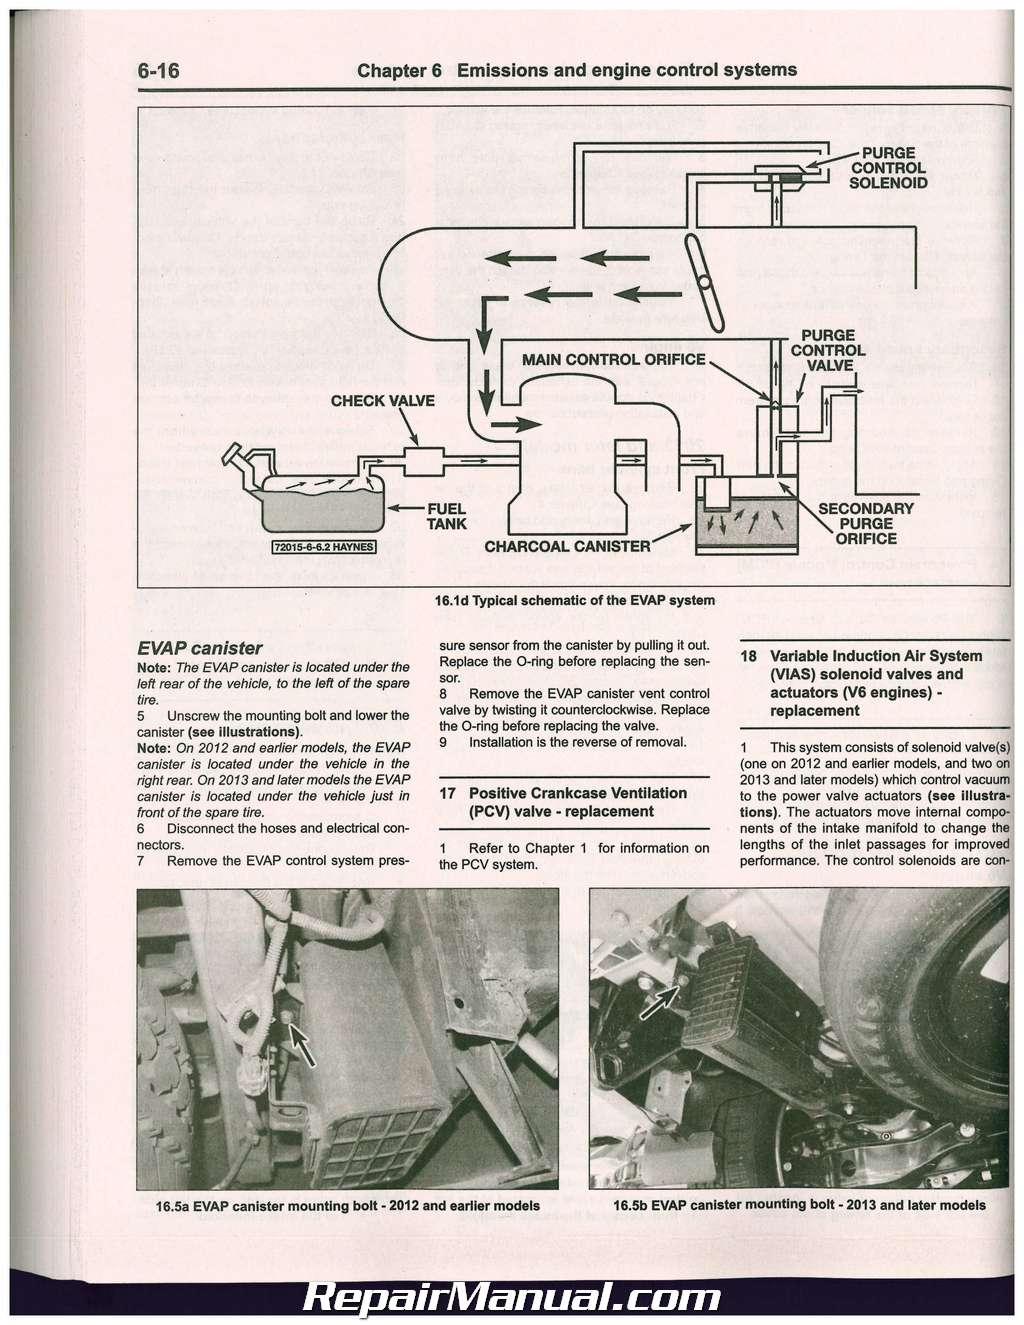 nissan pathfinder 2005 2014 haynes suv repair manual rh repairmanual com 2005 pathfinder repair manual 2005 nissan pathfinder repair manual